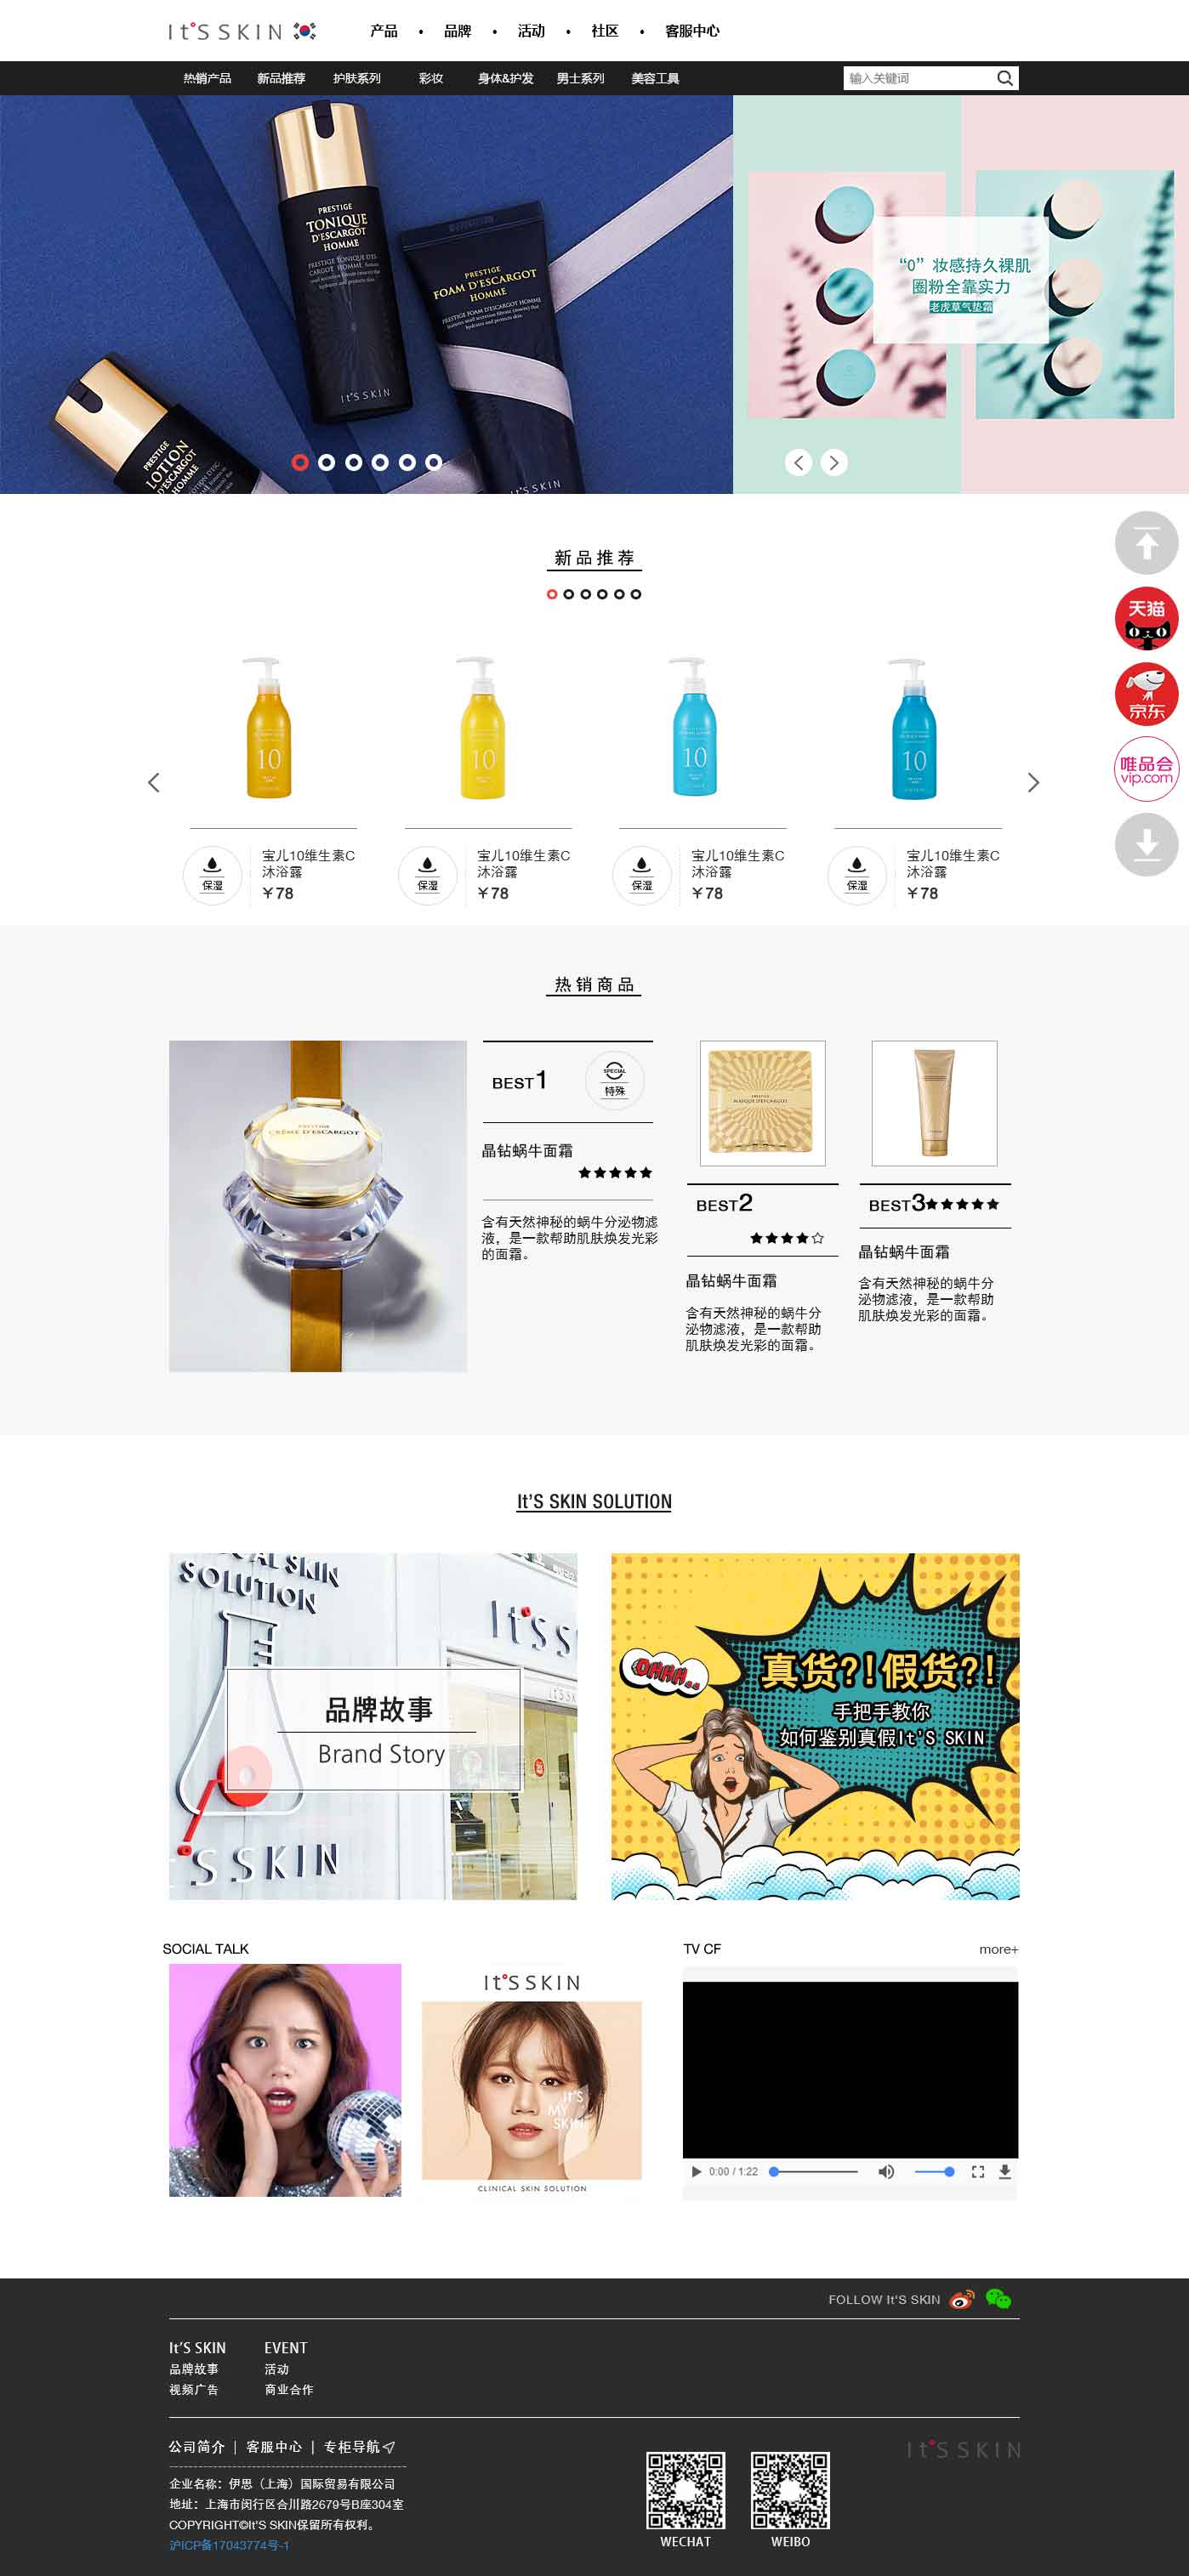 牛二网络赋能韩国知名化妆品品牌伊思官网全新上线!